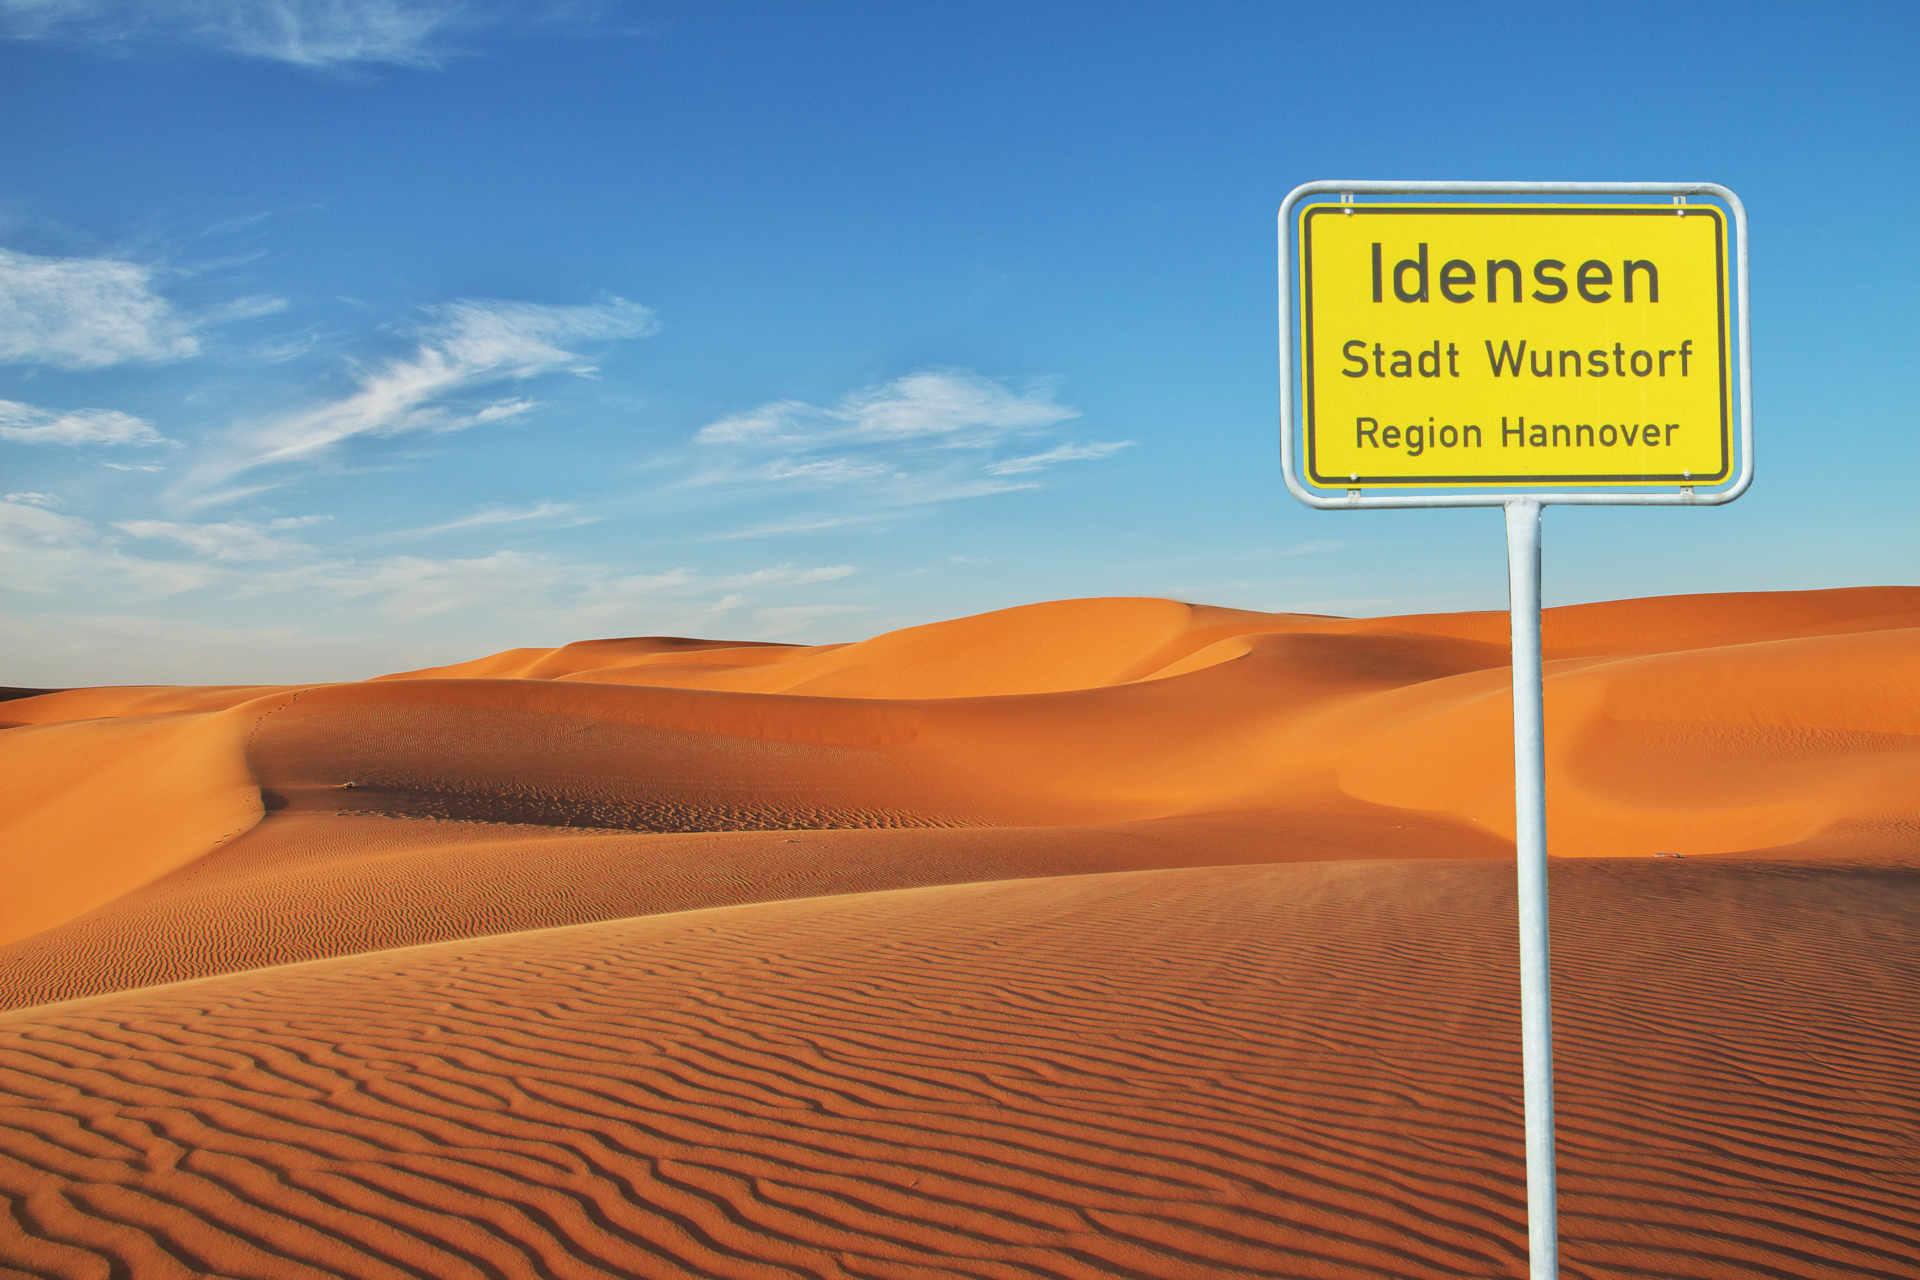 Idenser Ortschild in der Sahara